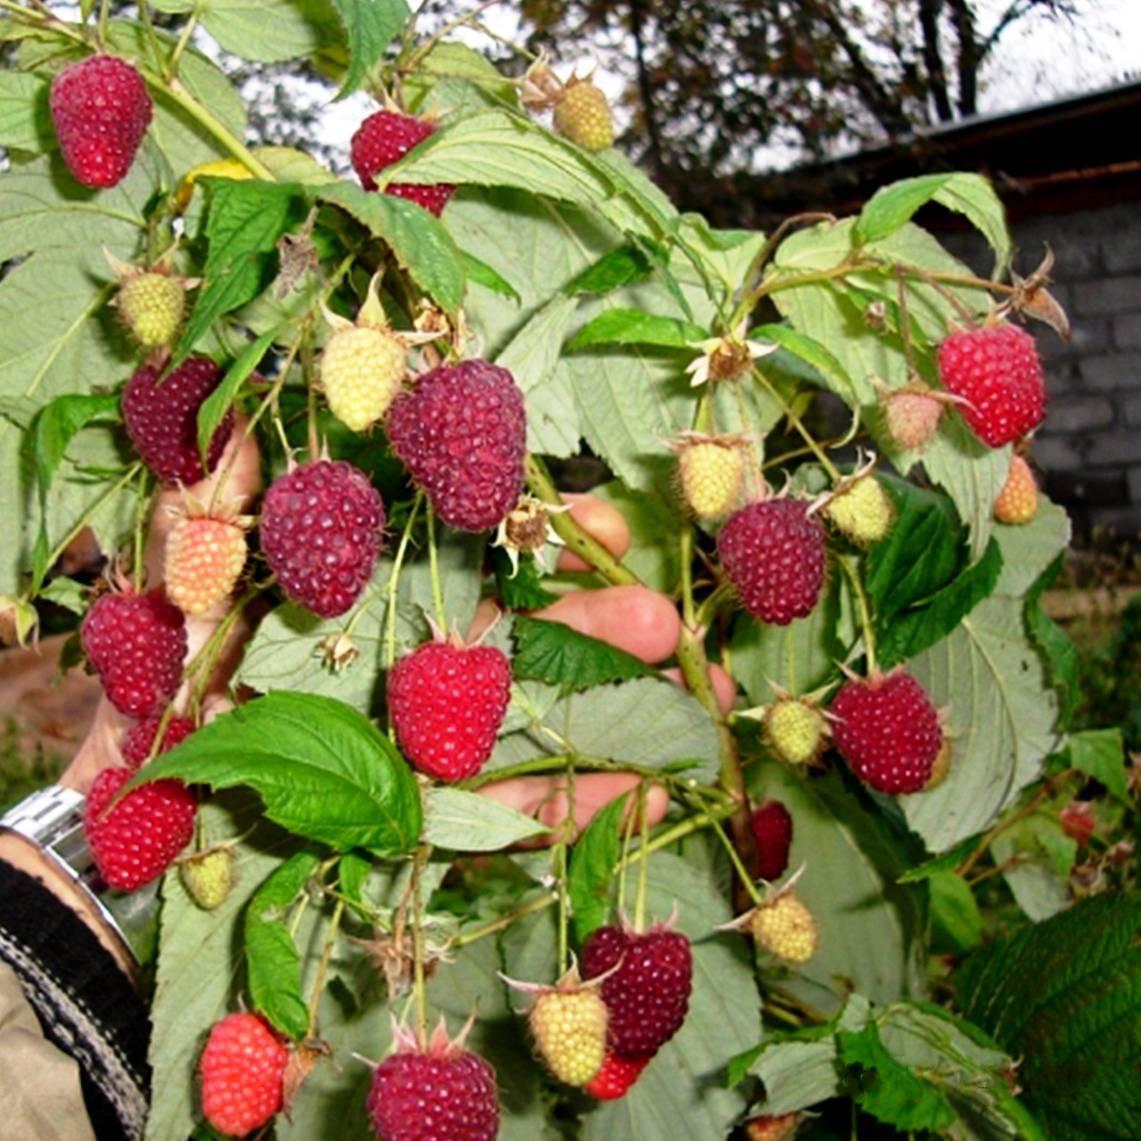 Когда можно собирать листья малины для сушки на зиму, сроки и правила и где хранить